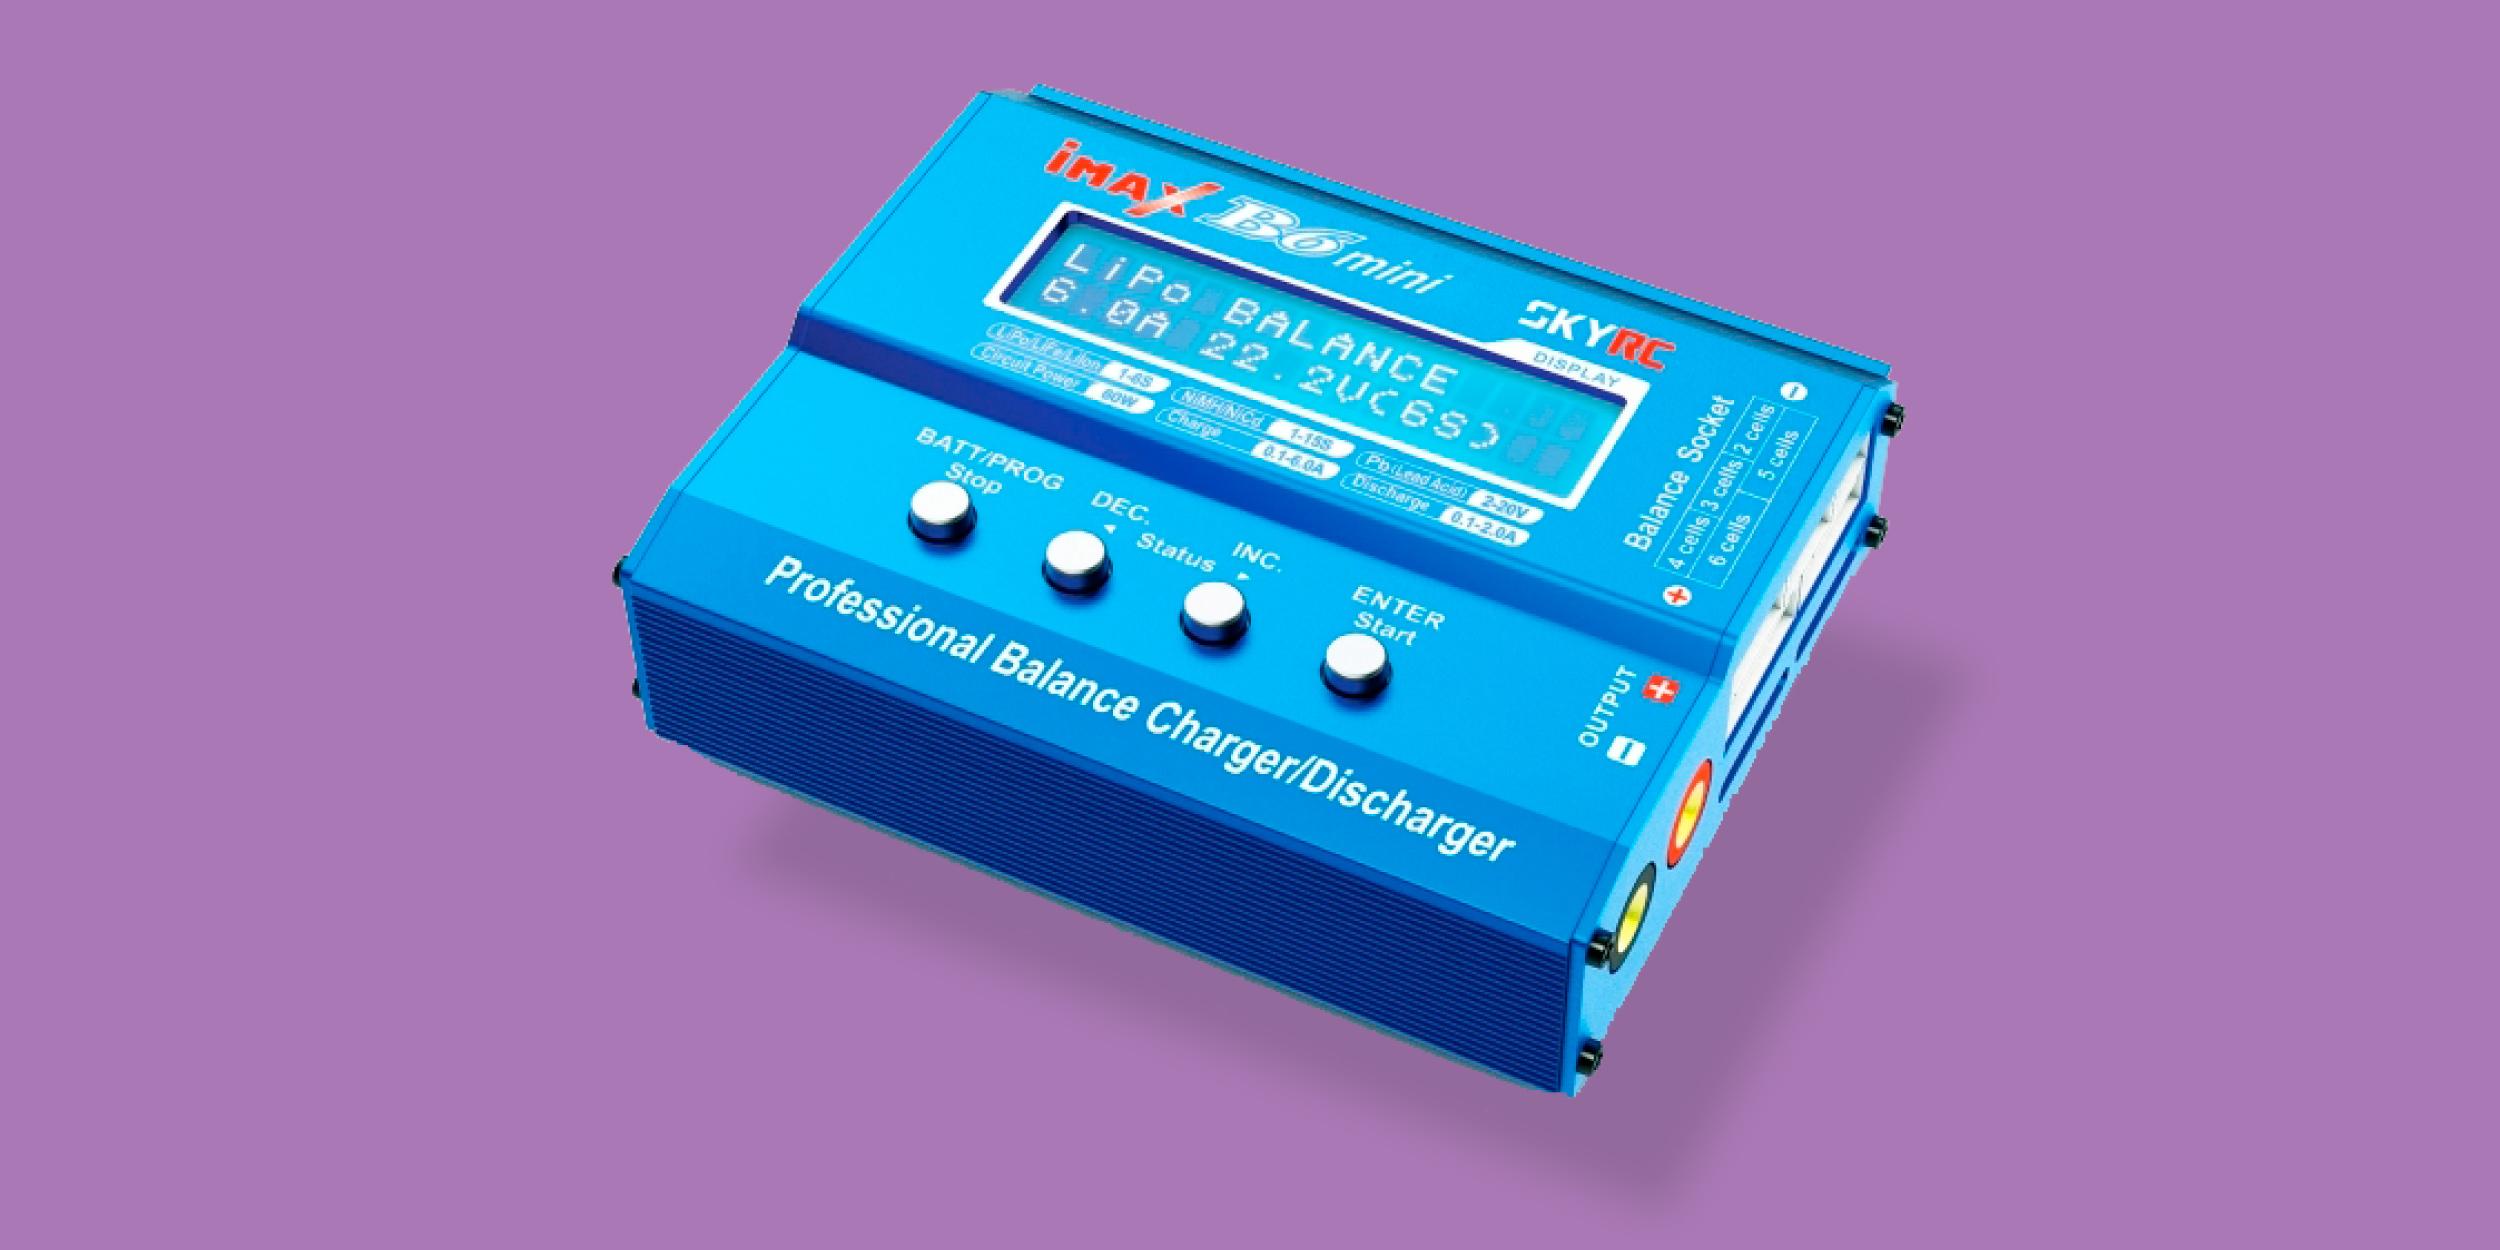 SkyRC iMax B6 mini — универсальный домашний зарядник